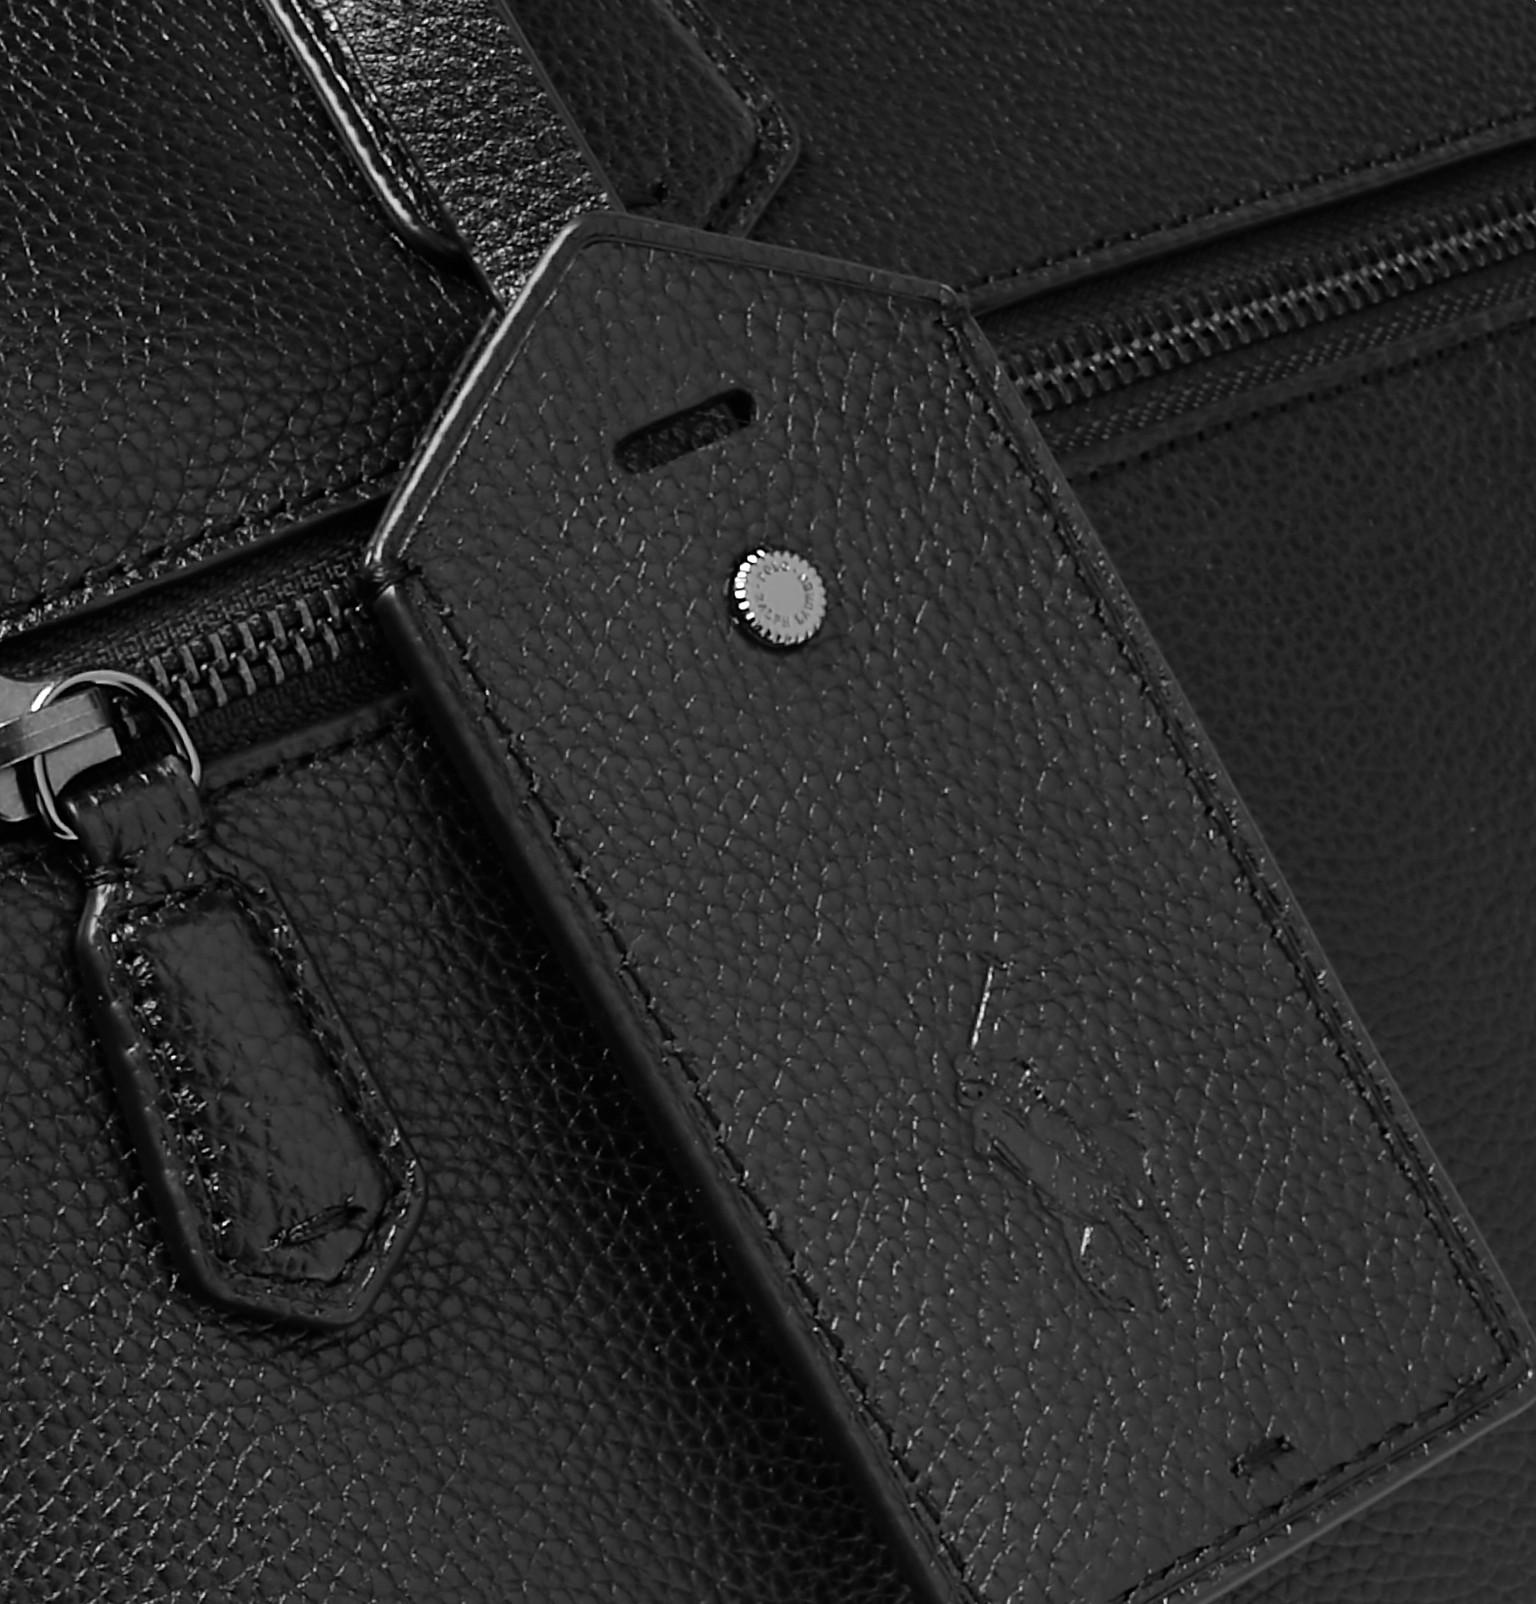 47ce1702a022 Polo Ralph Lauren - Pebble-Grain Leather Briefcase